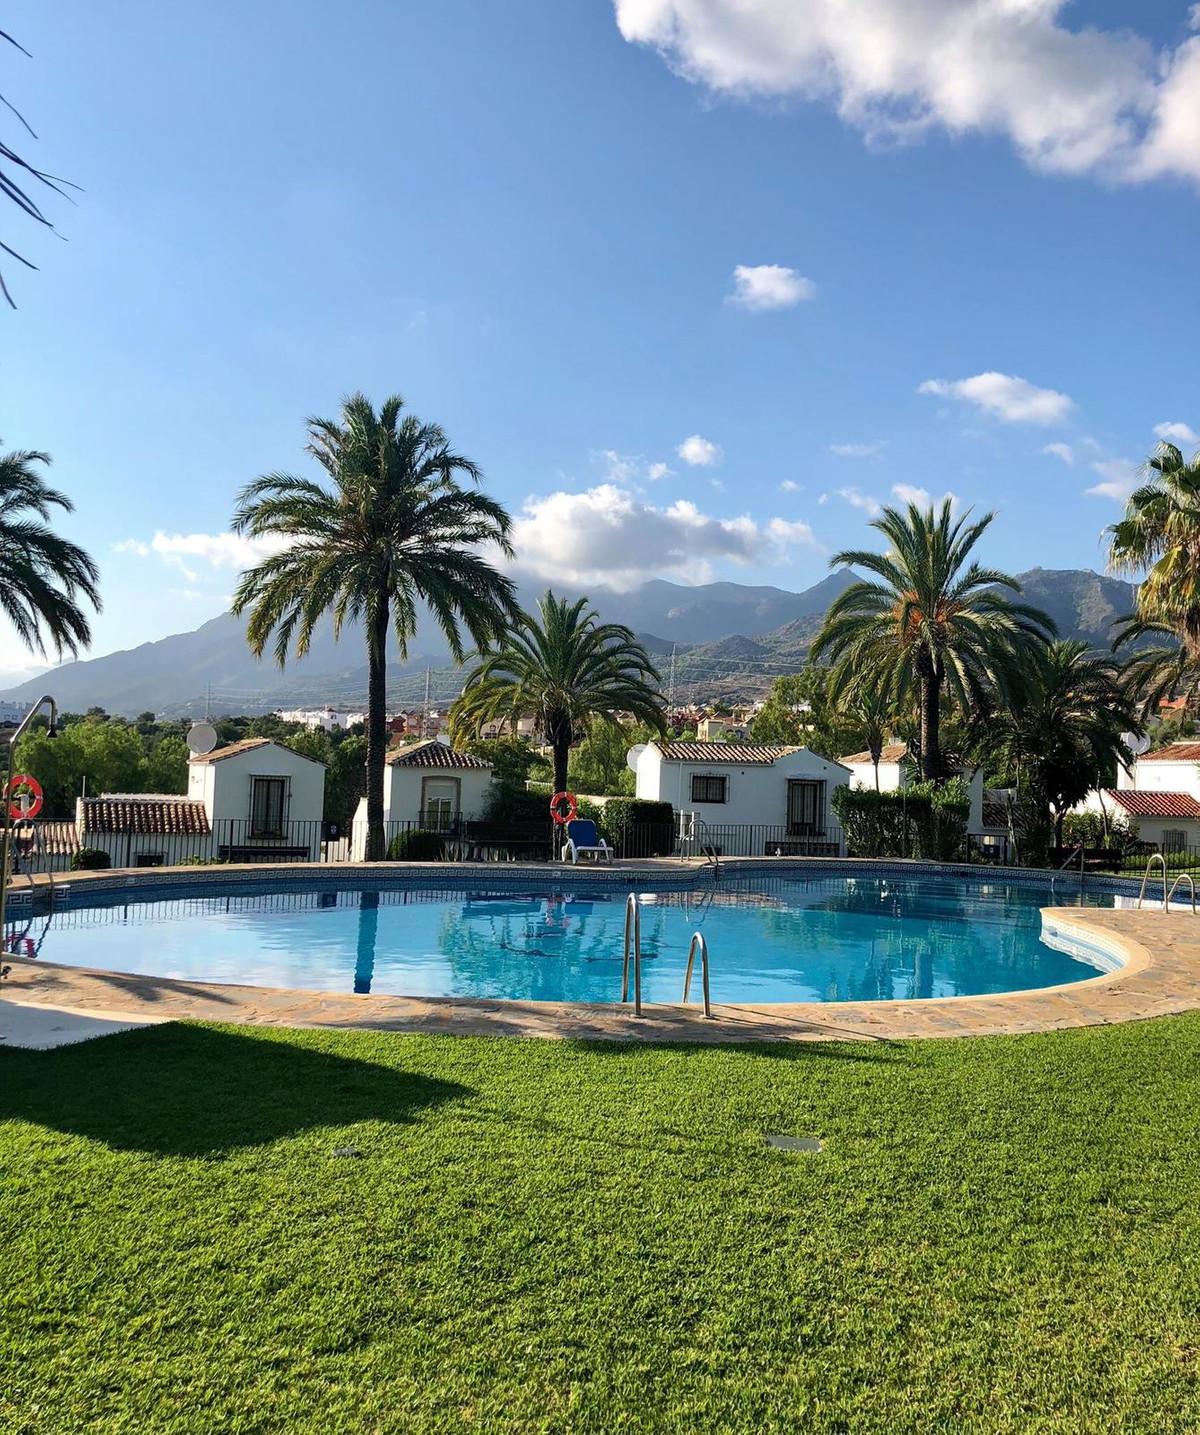 Дом - Marbella - R3637292 - mibgroup.es